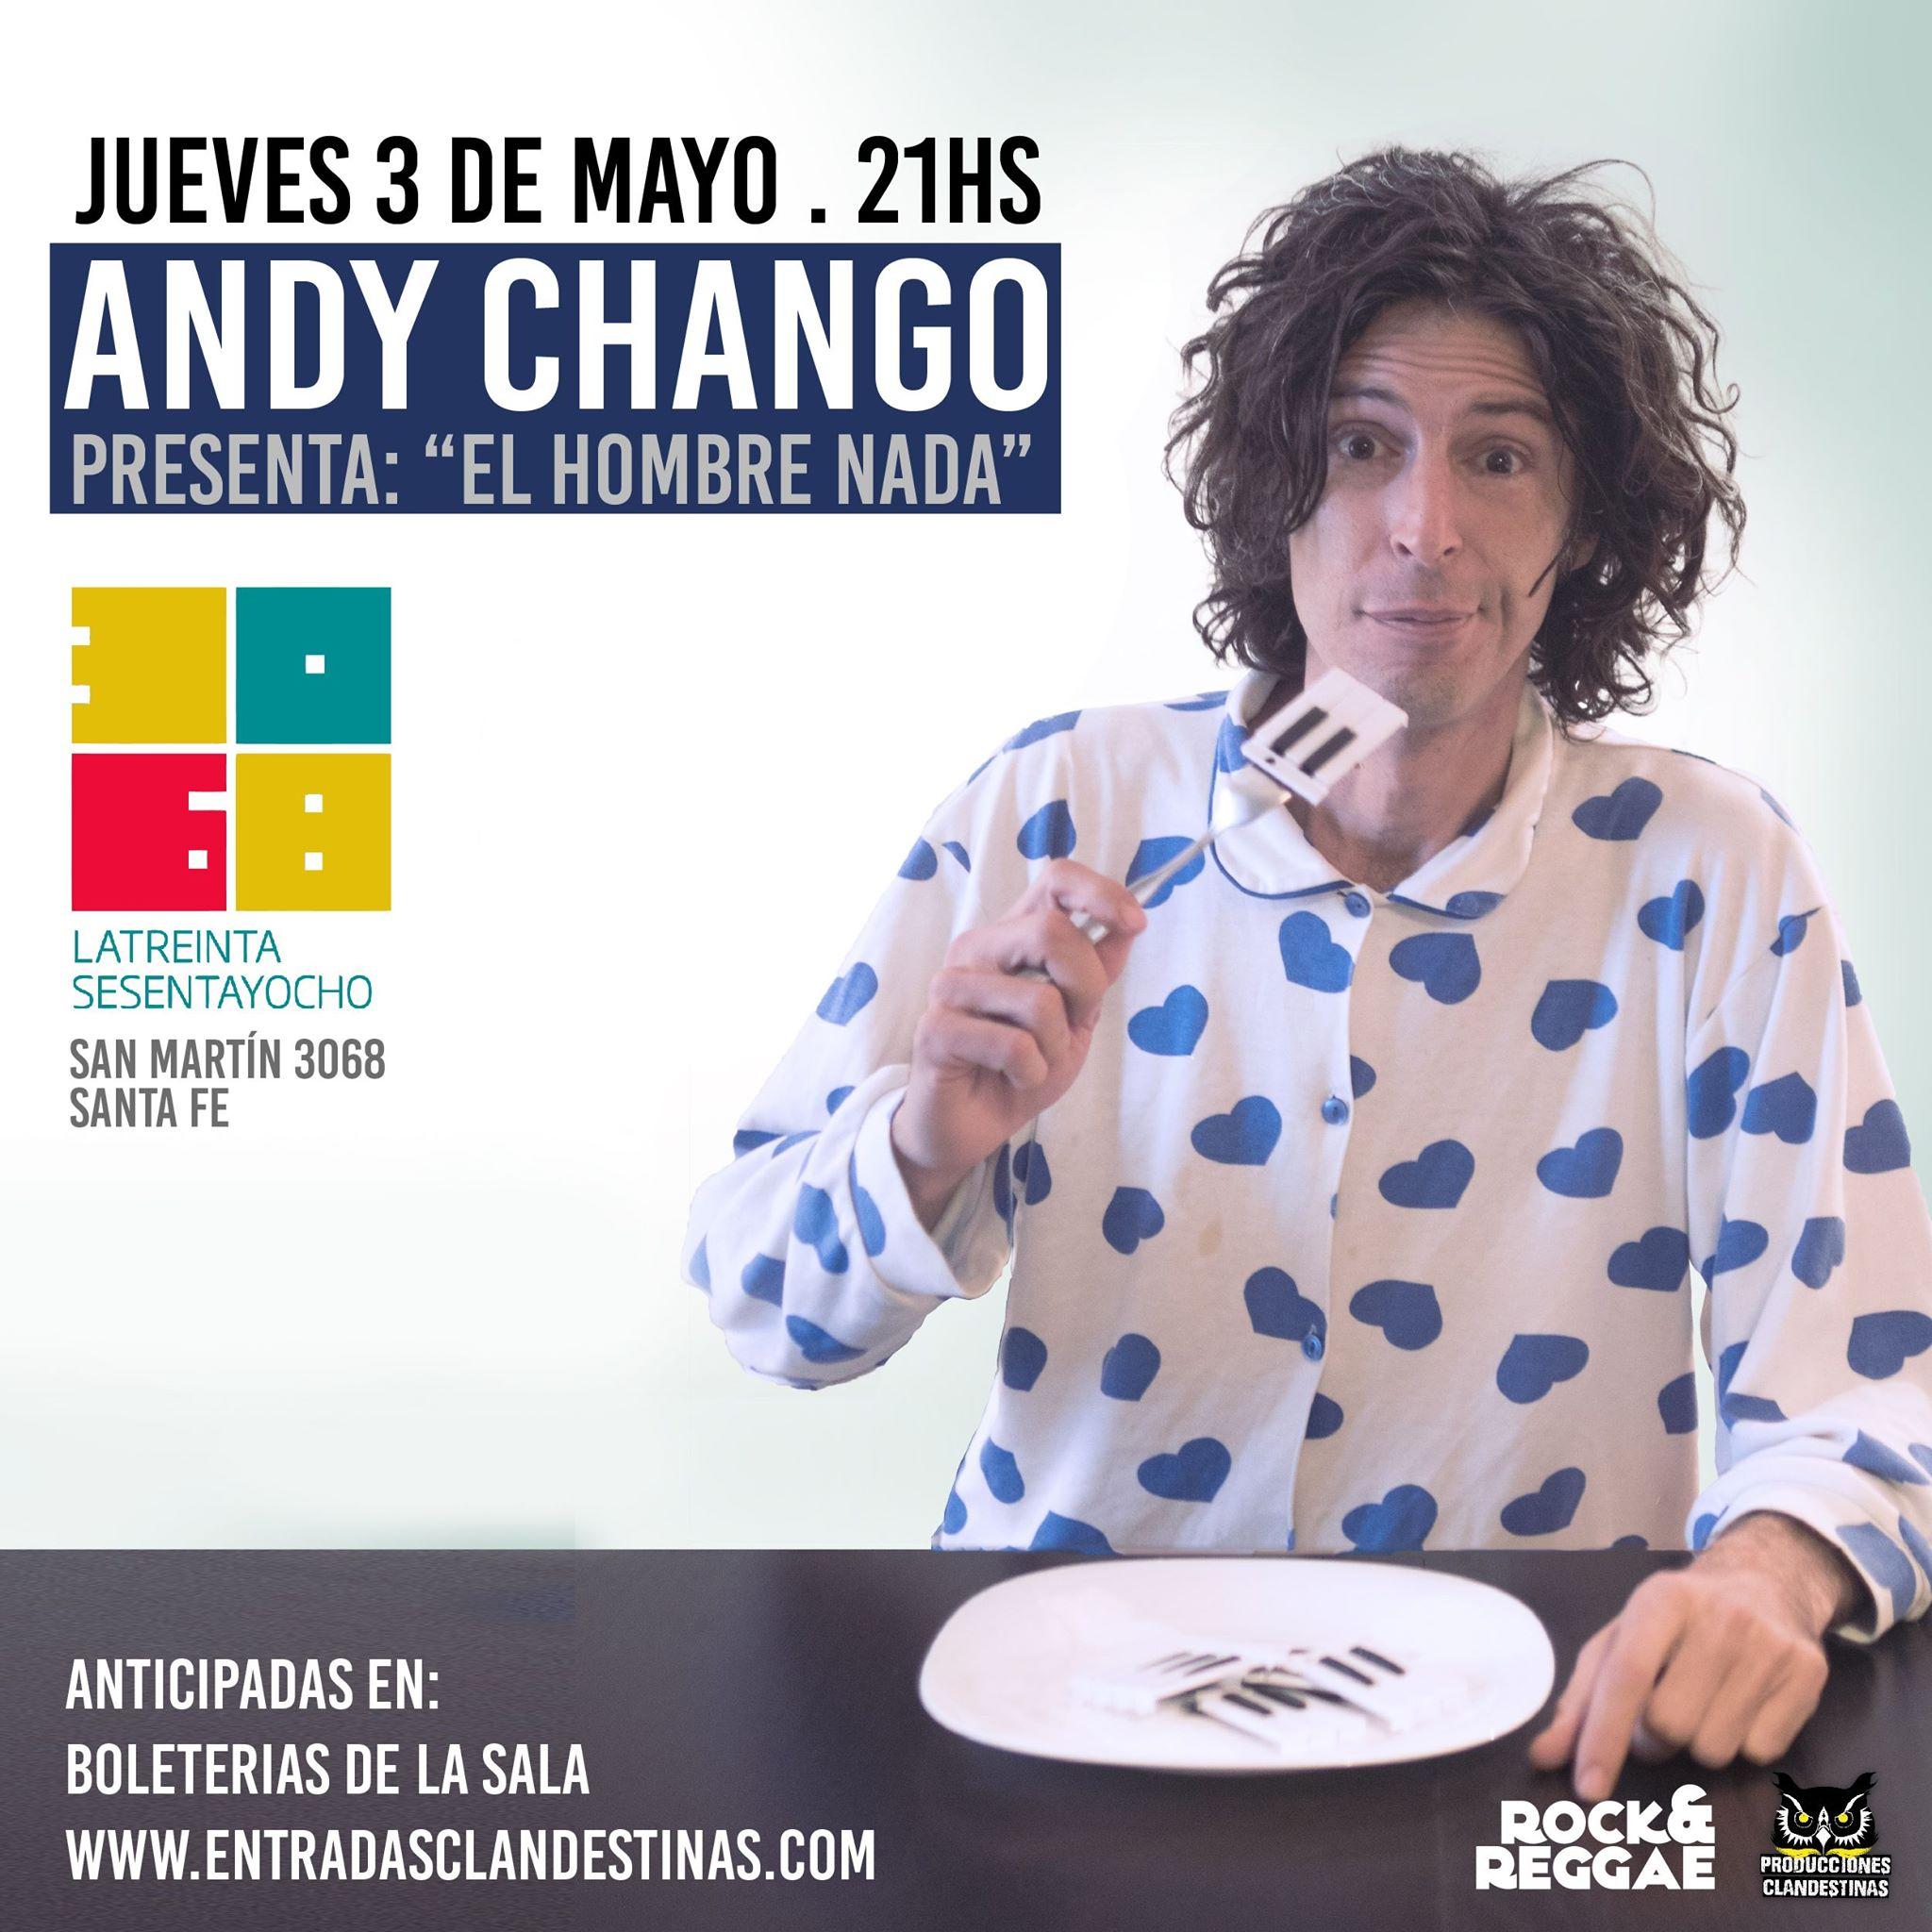 Andy Chango en Santa Fe